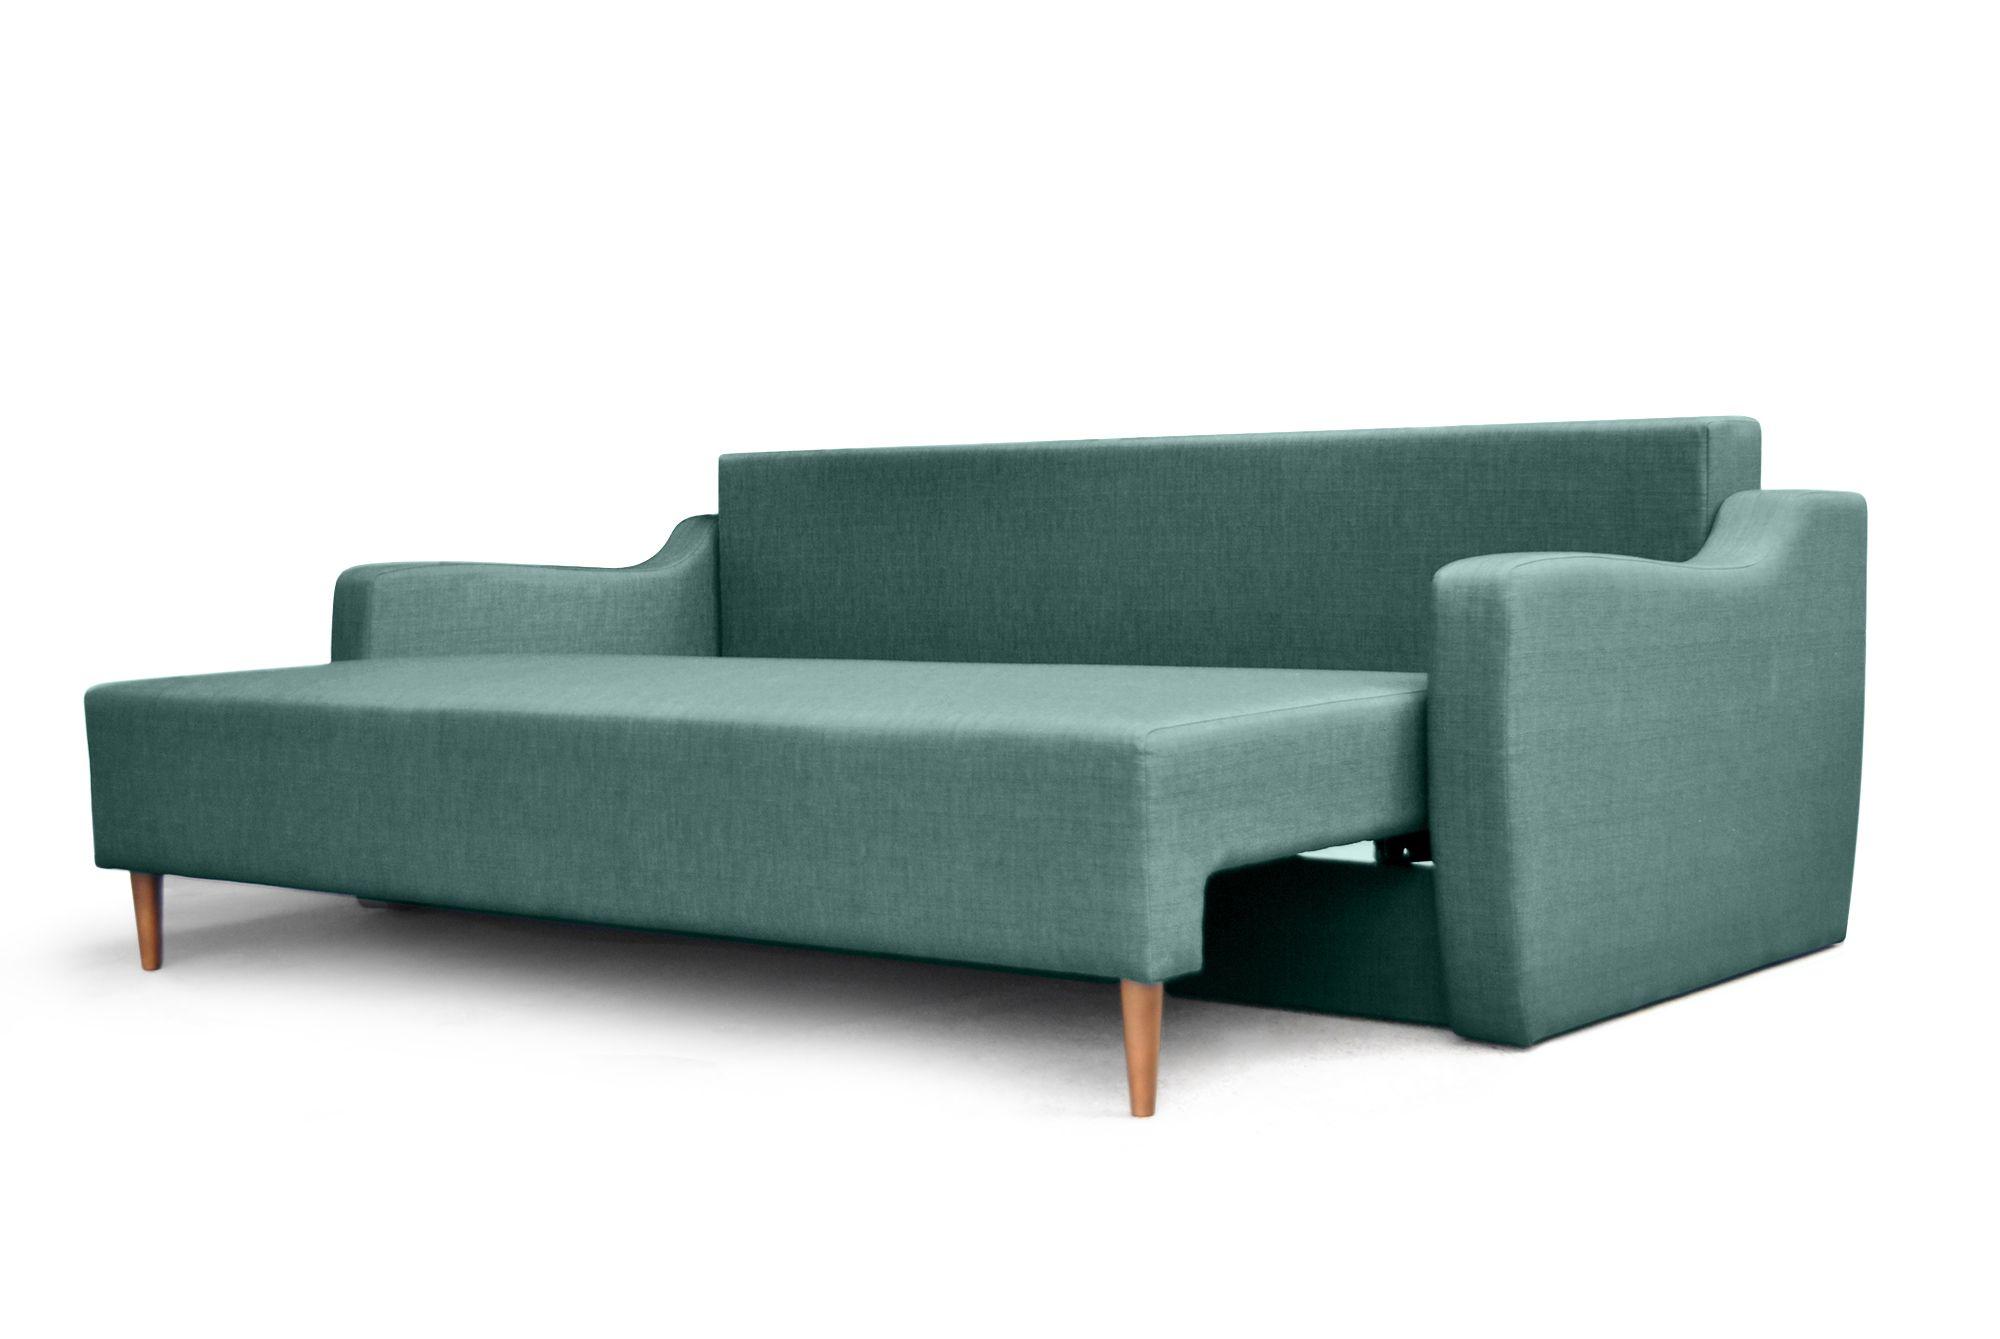 Copenhagen Sofa Bed Kaleidoscope Furniture Copenhagen Sofa